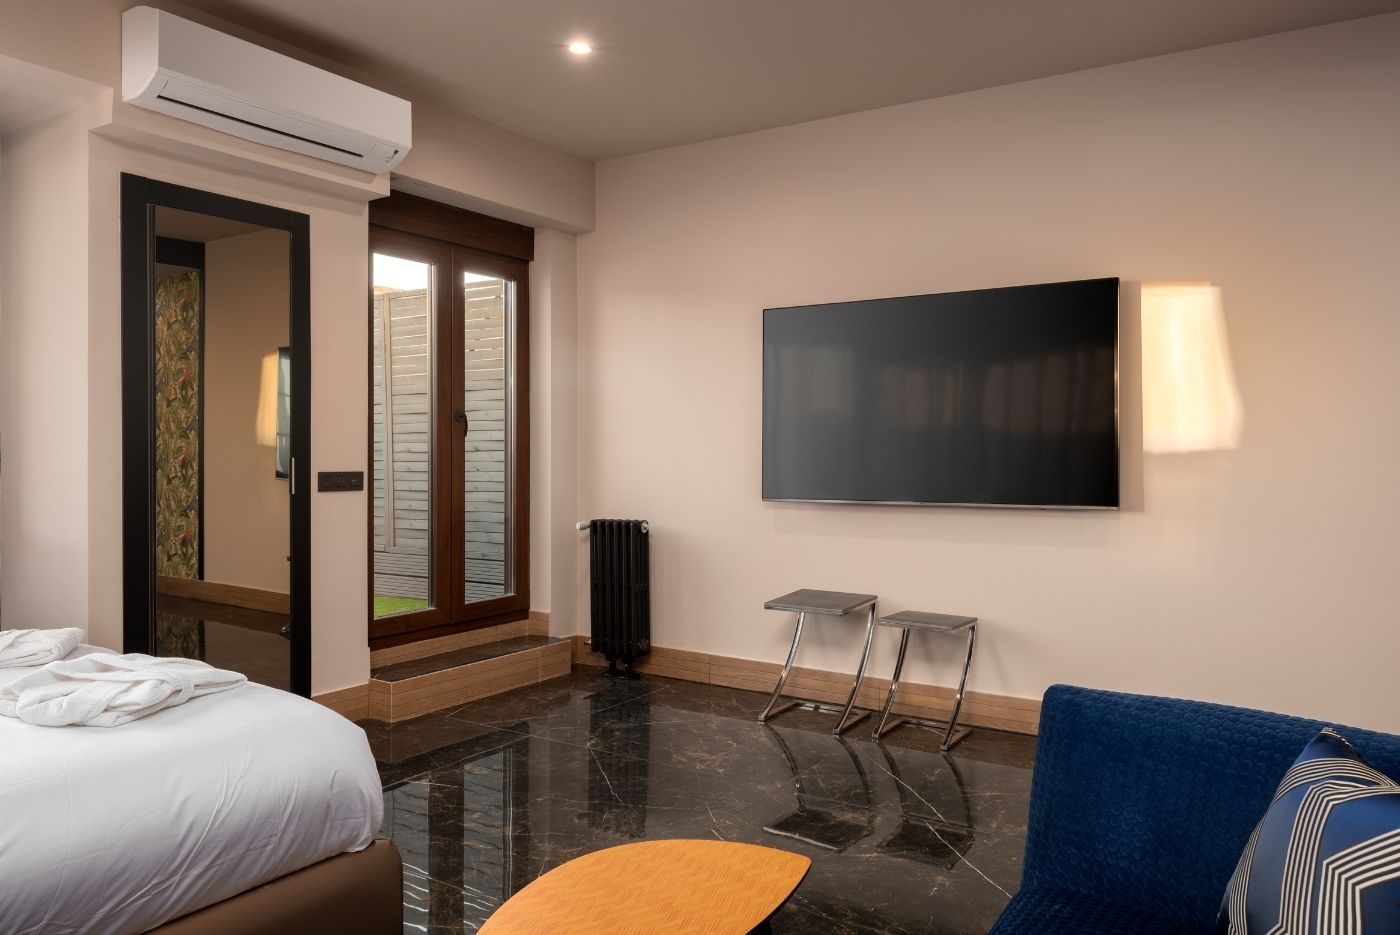 Apartamento-Suite-Atico-73-Oviedo-1907-05